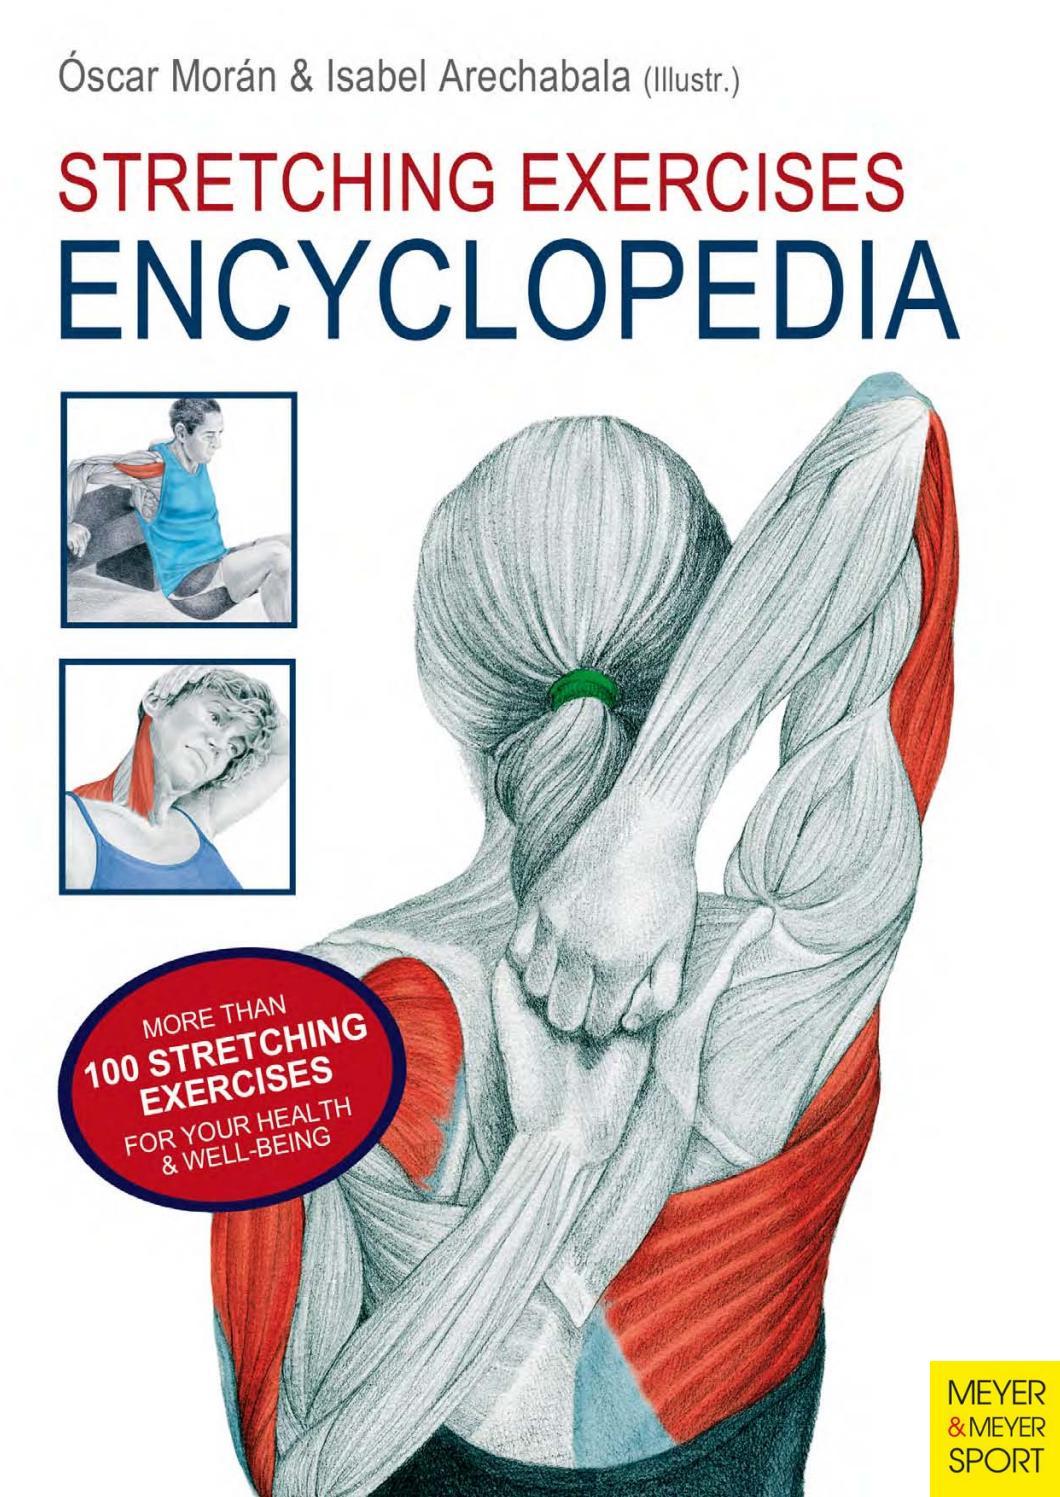 clavicularis arthritis segít a térdödéma kezelésében